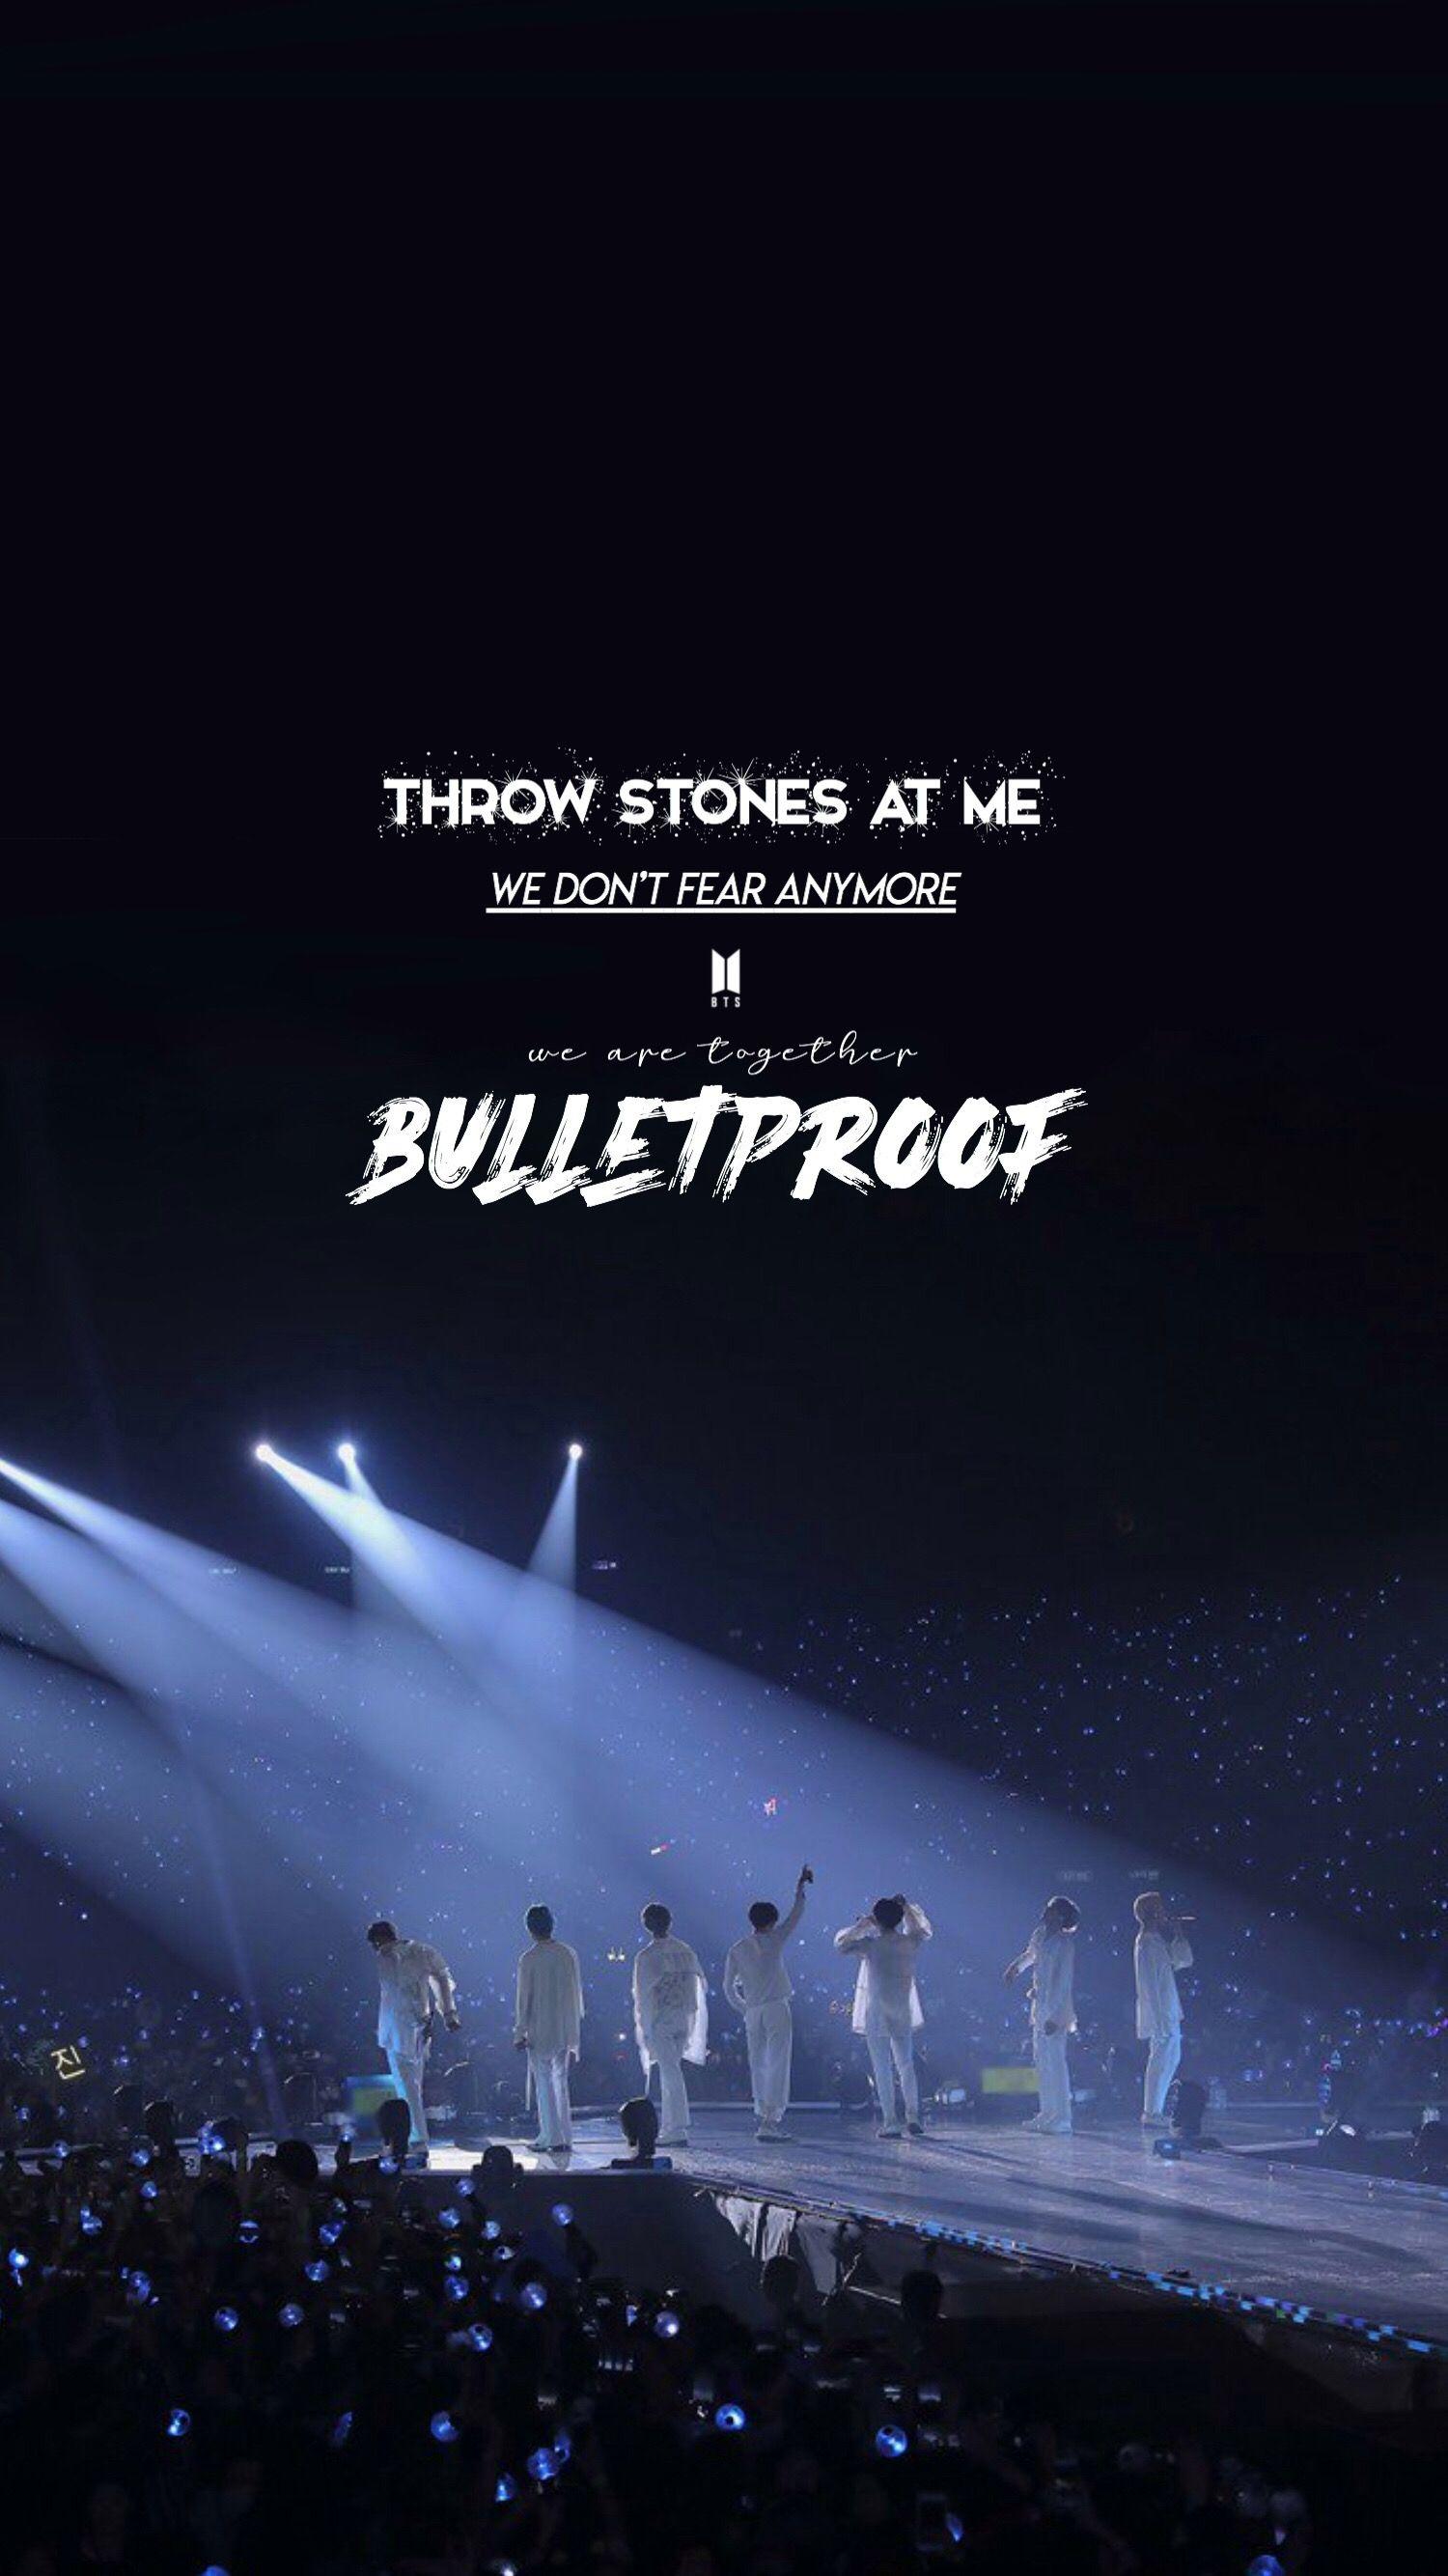 Bts we are bulletproof 歌詞